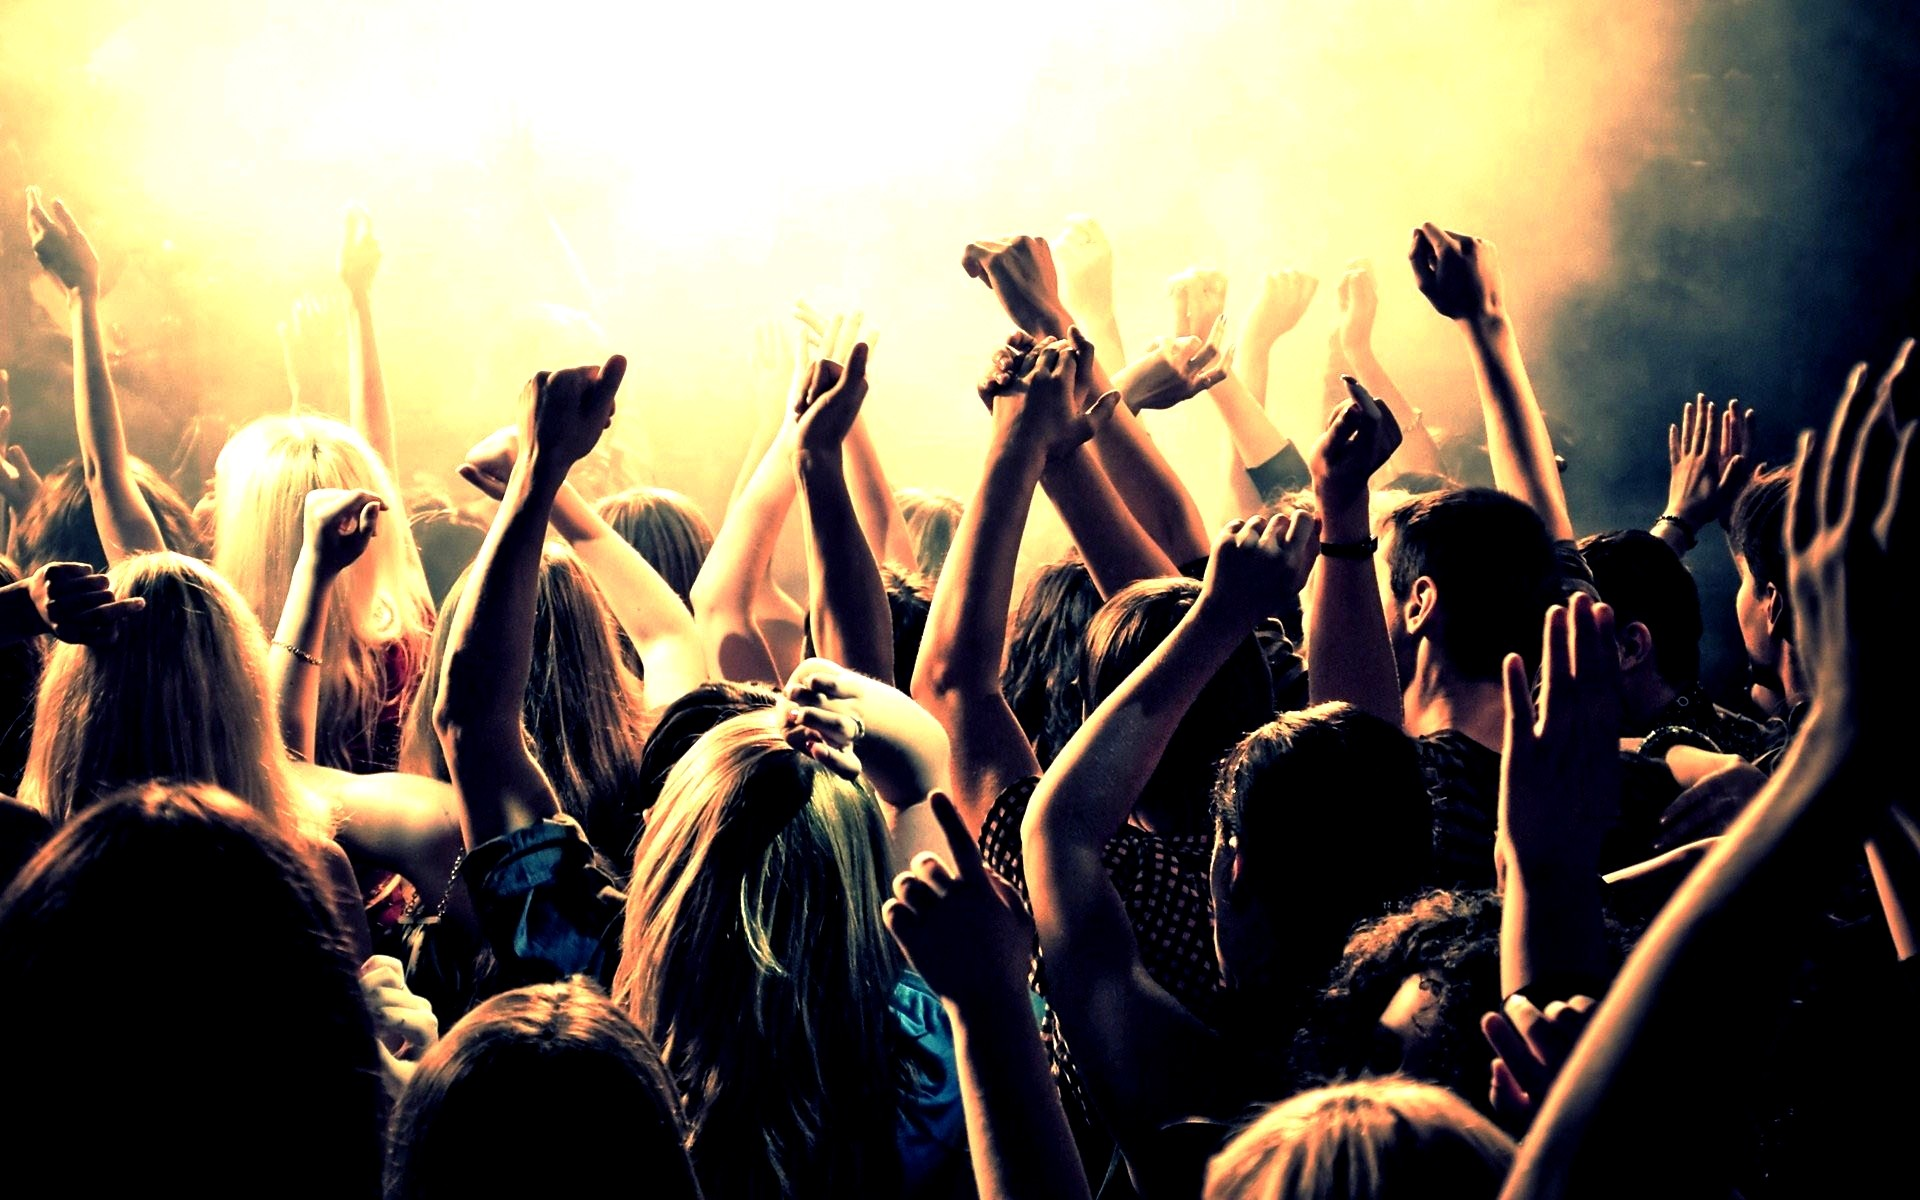 """2º Mês da Música Eletrônica: O que todo baladeiro deve saber antes de gritar """"acelera!"""" acelera, balada, dj set, live act, música eletrônica"""